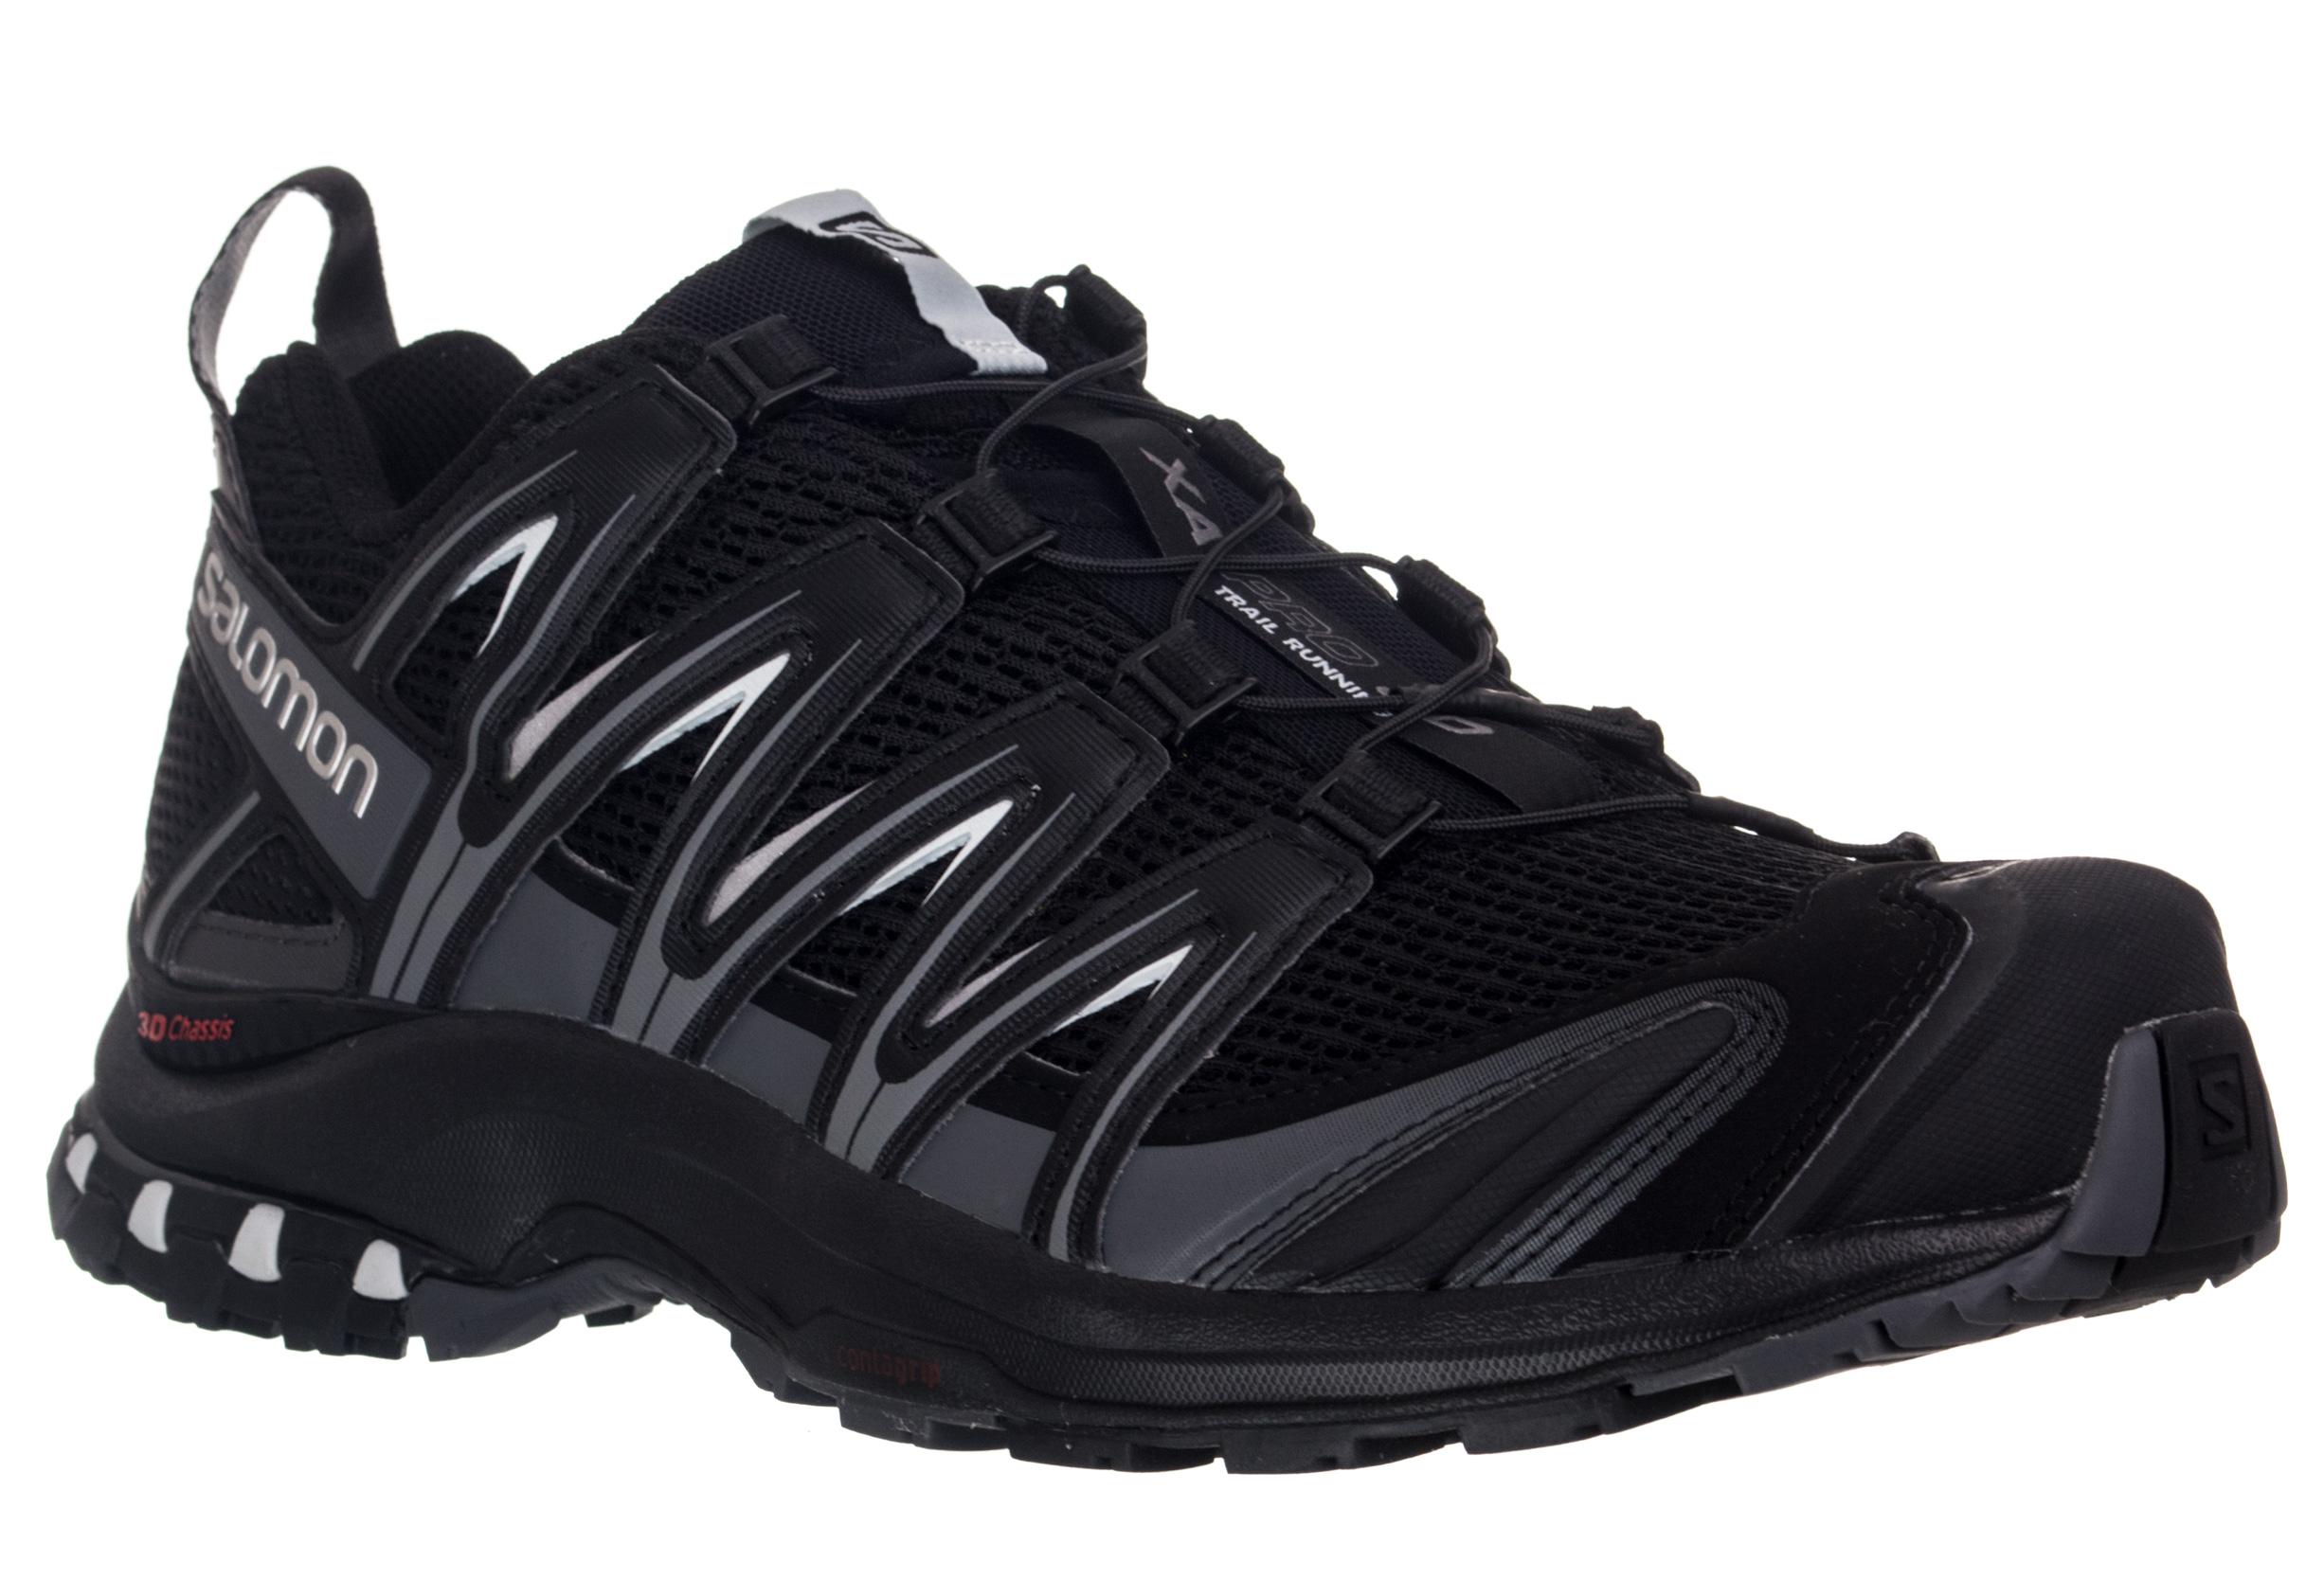 Nuovi Prodotti 17265 8fe3a Scarpe SALOMON XA PRO 3D Black